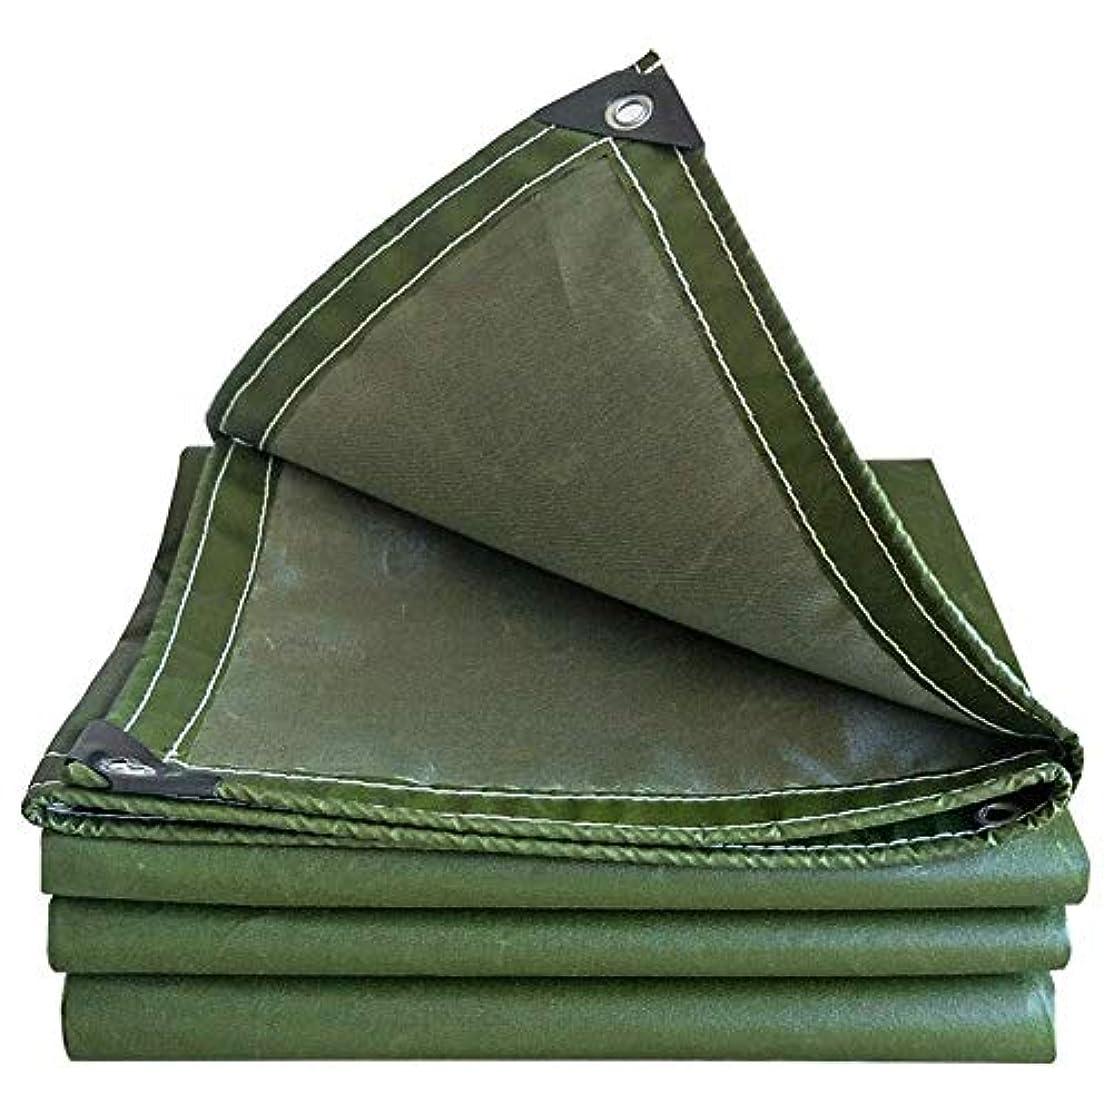 ドア追跡理論ZX タープ トラック防水シート防水シェード屋外の厚くするリノリウム四季のユニバーサル テント アウトドア (Color : Green, Size : 6x6m)